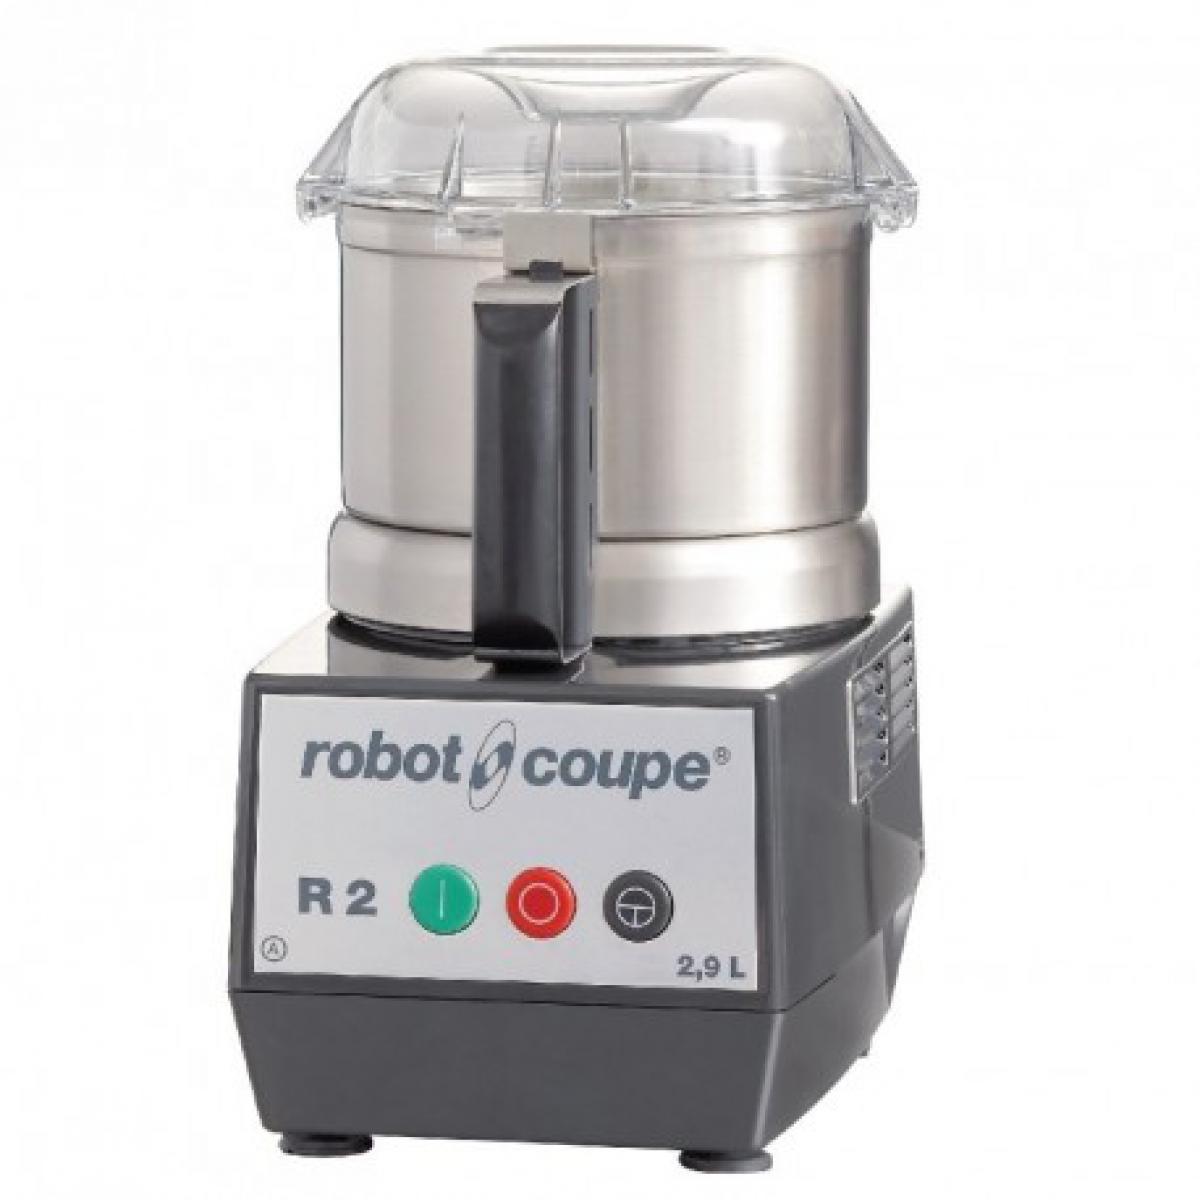 Robot Coupe Cutter de cuisine R2 Robot Coupe -